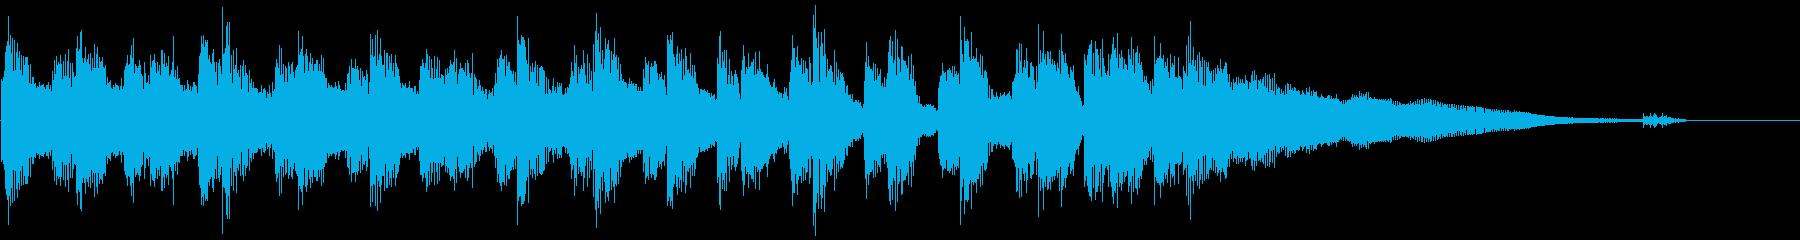 生演奏ギター ブルースジングルの再生済みの波形